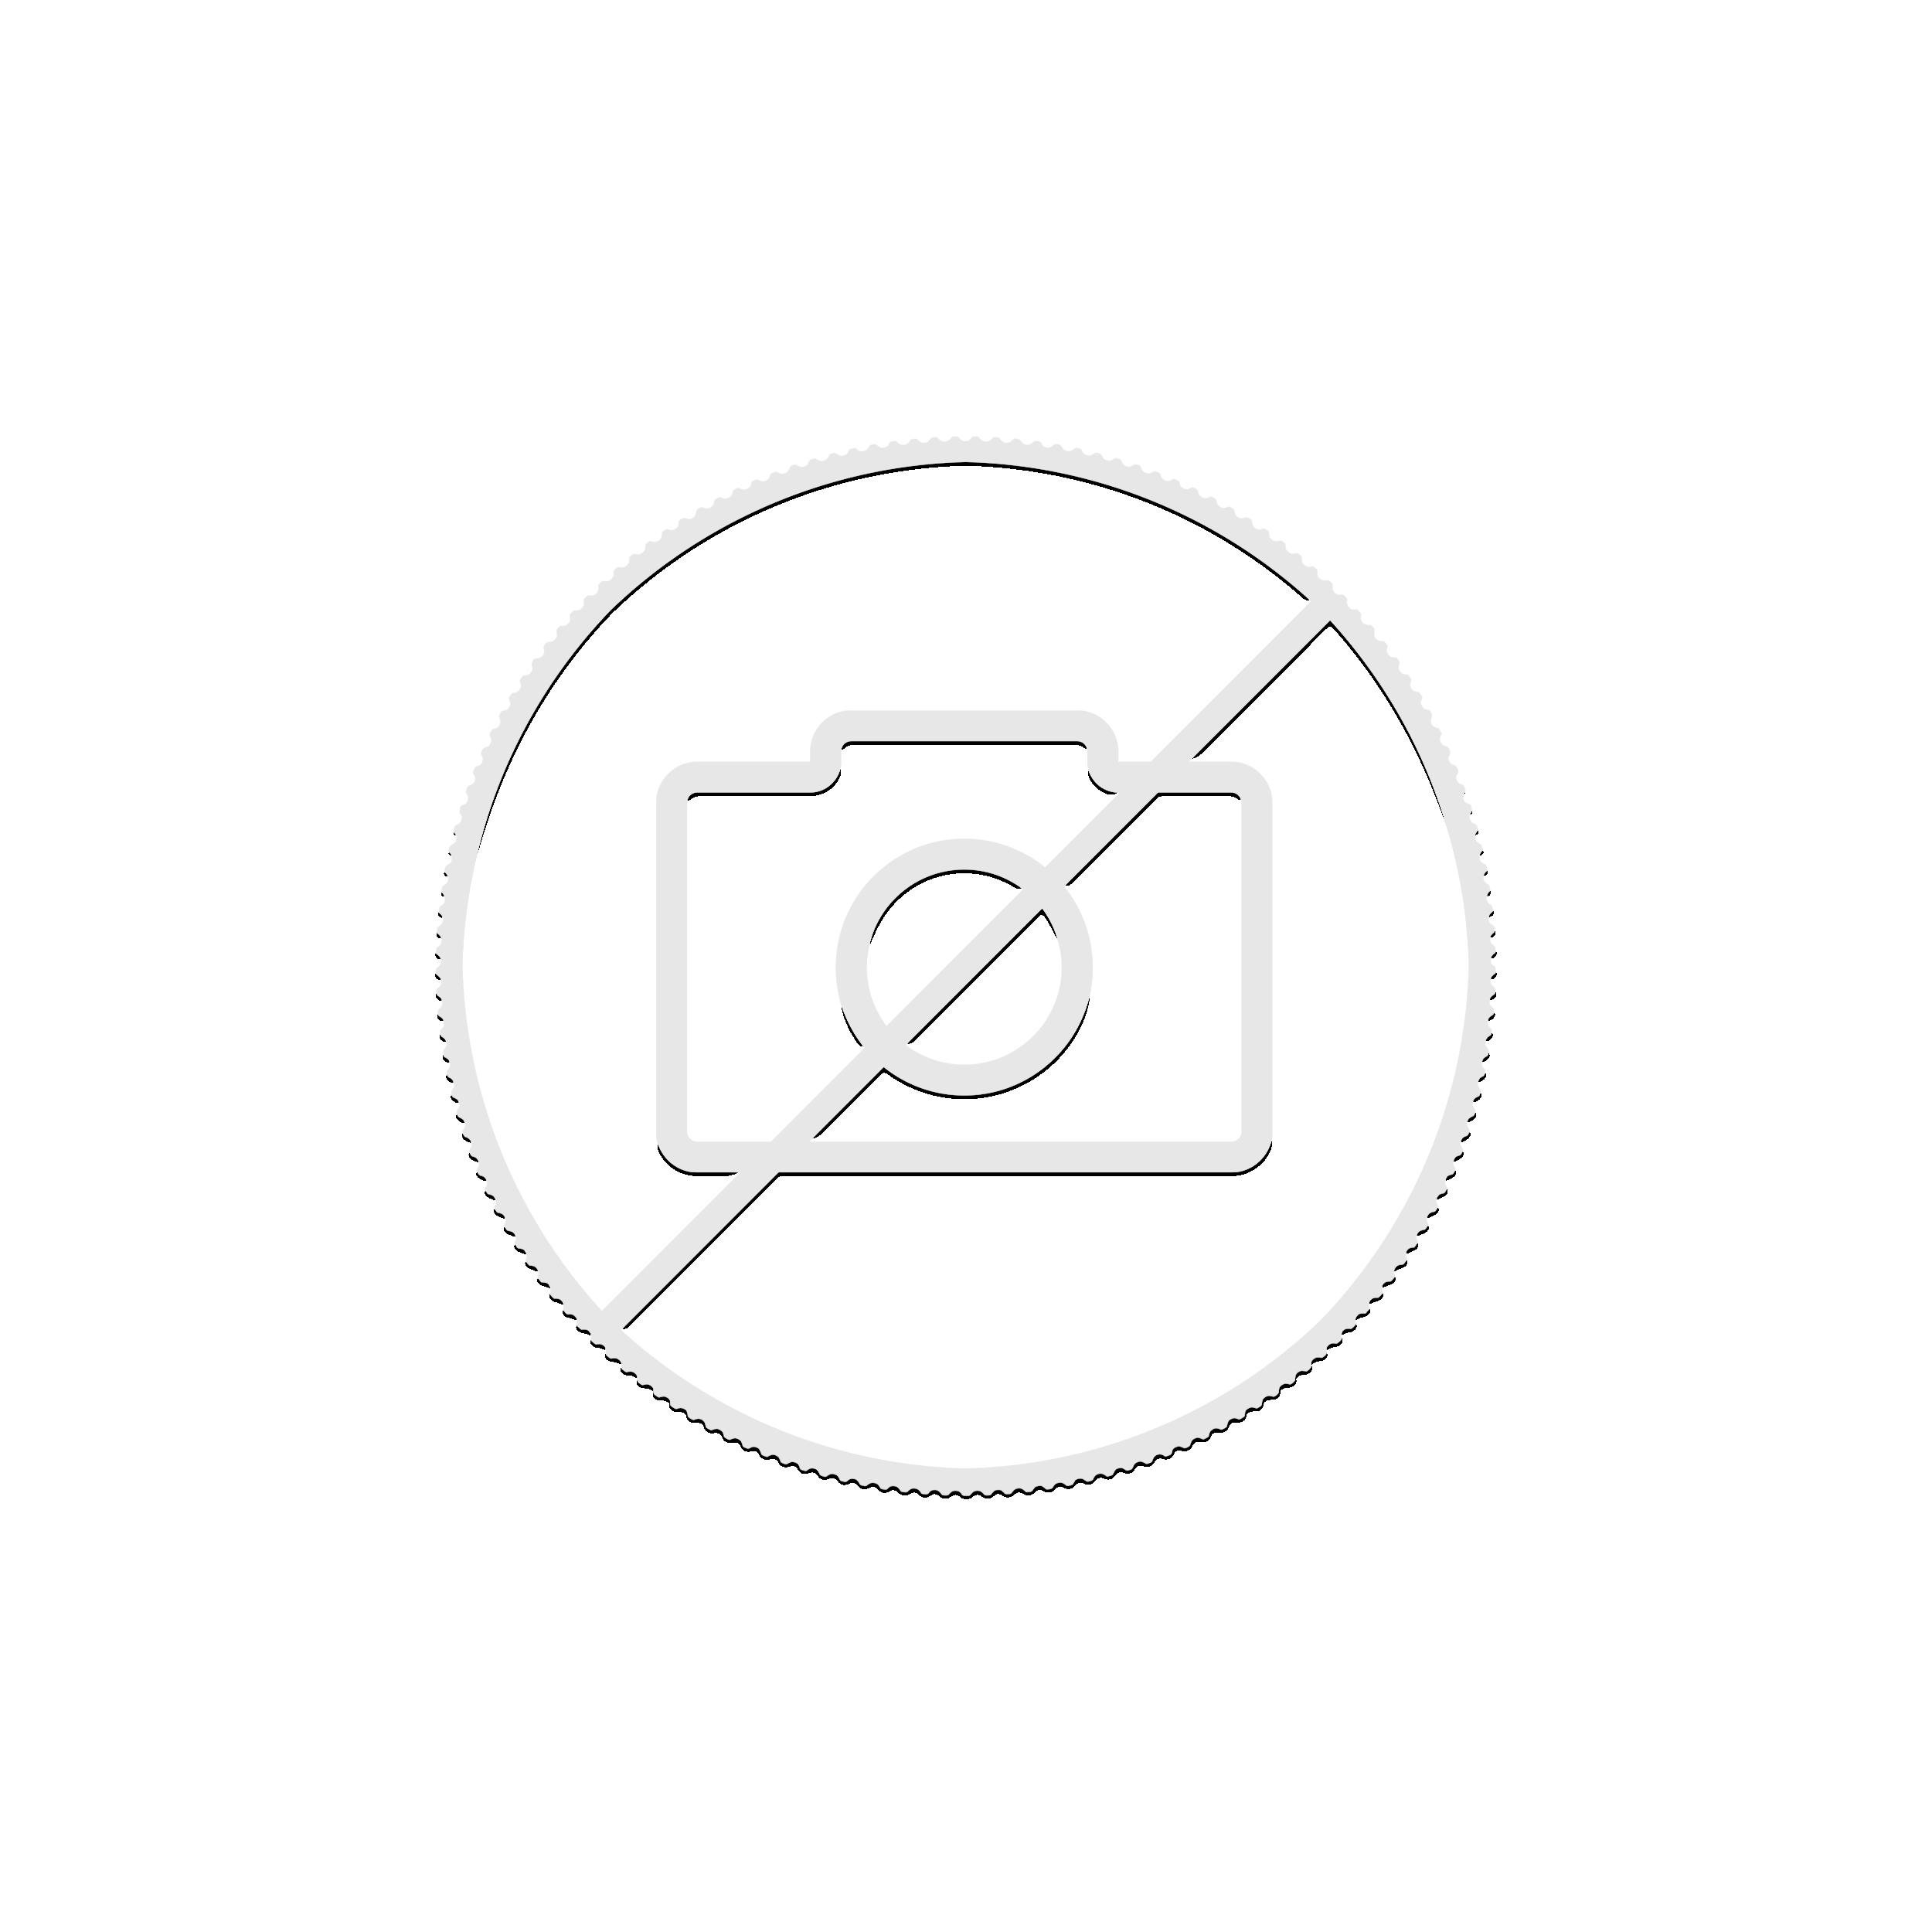 Andorra Eagle 1 kilogram silver coin bars